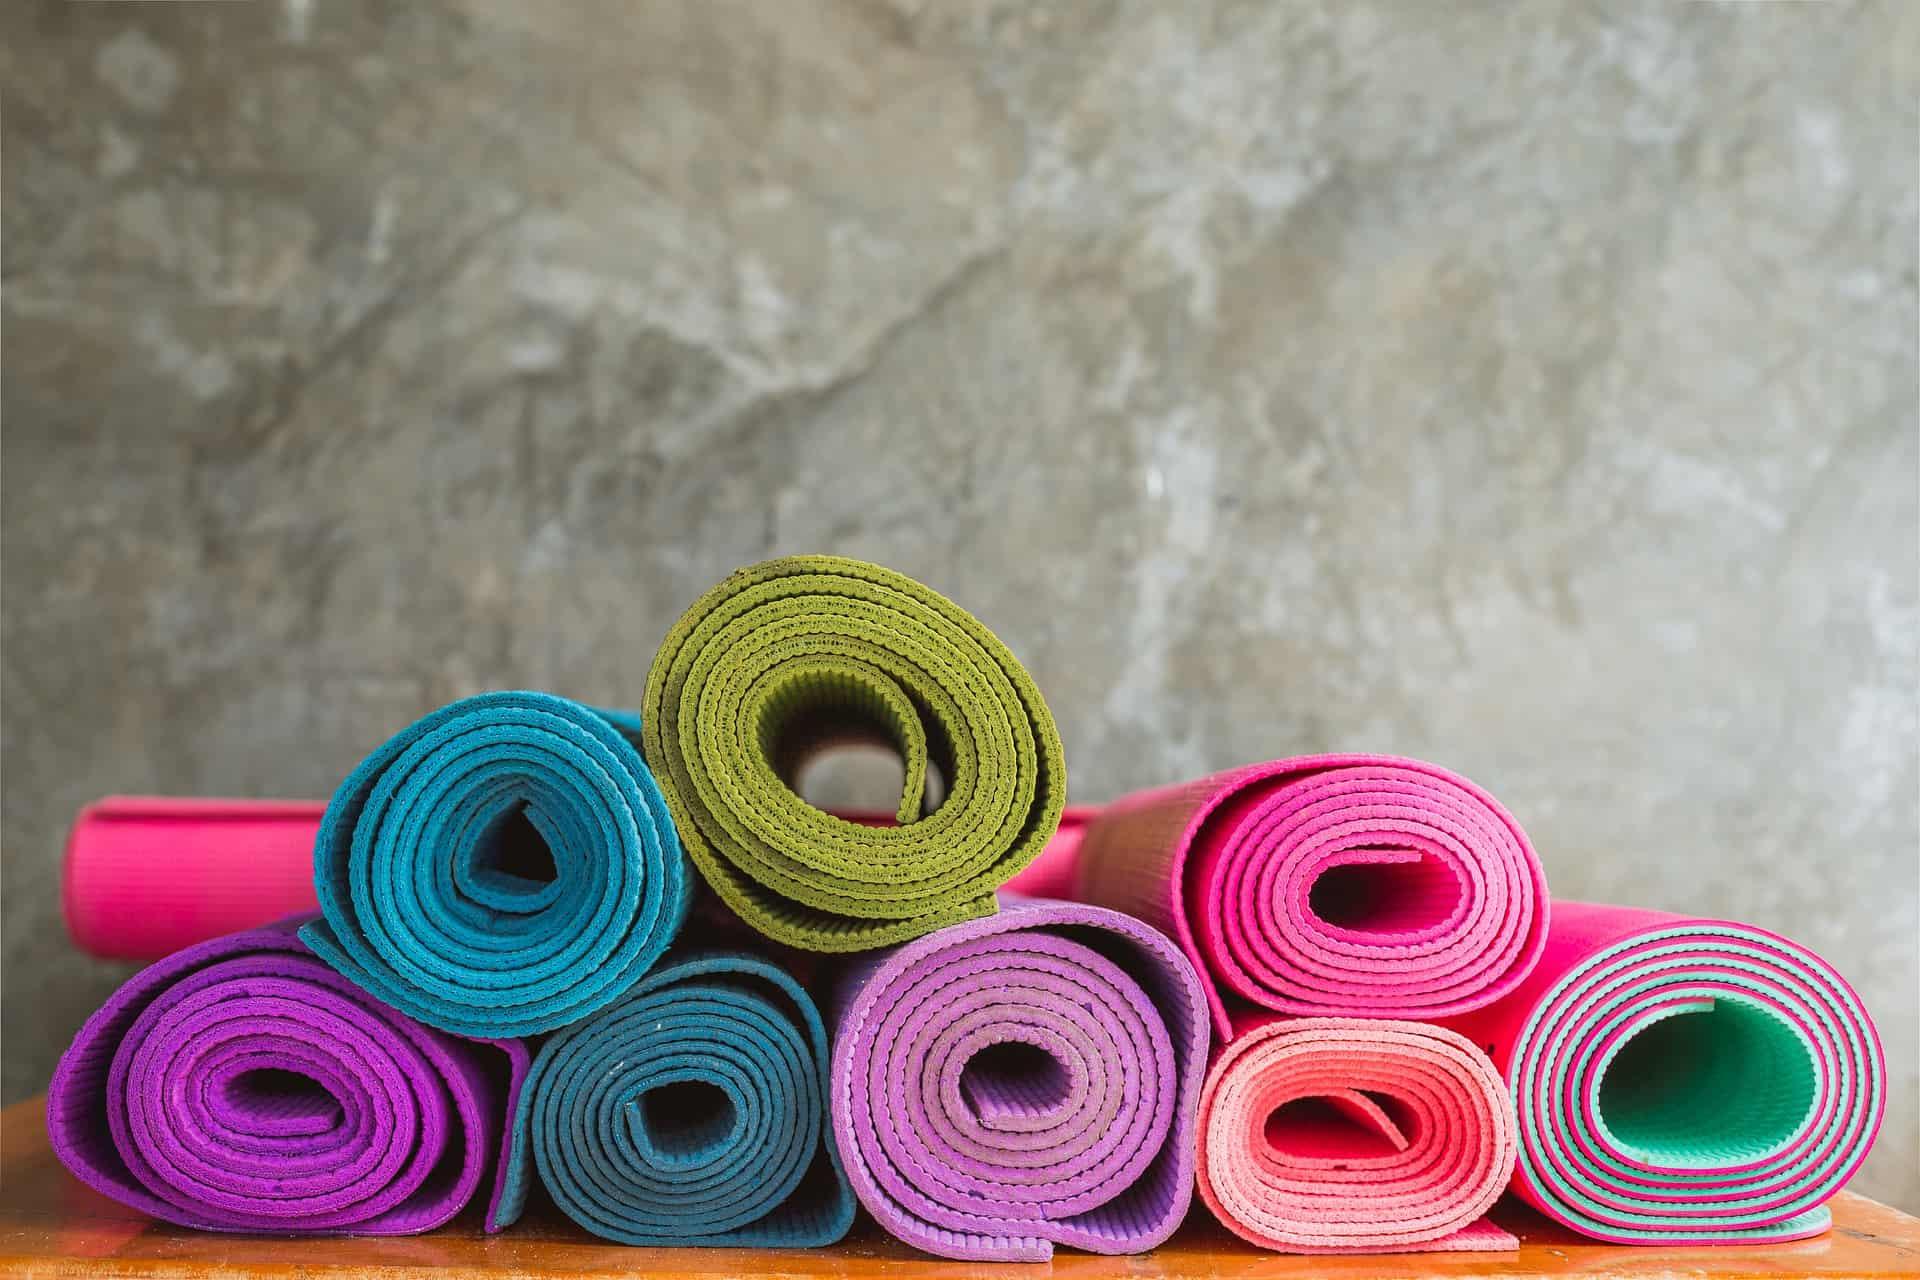 Prenatal pilates yoga mats